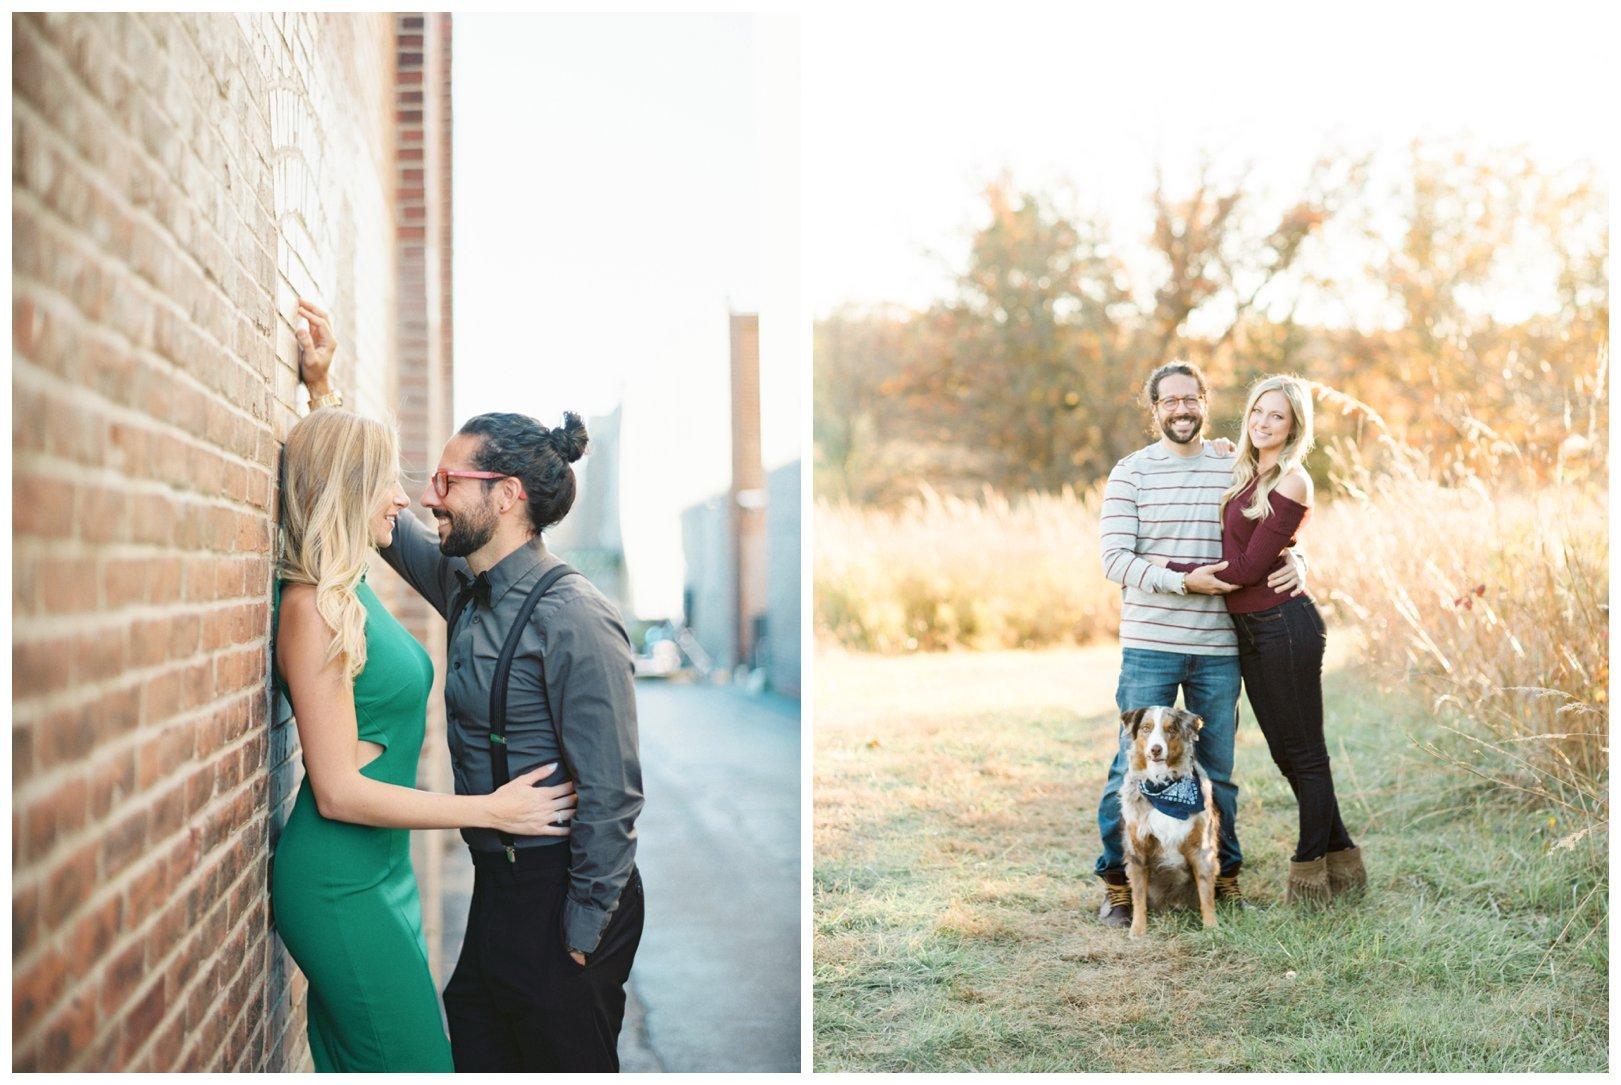 lauren muckler photography_fine art film wedding photography_st louis_photography_0918.jpg